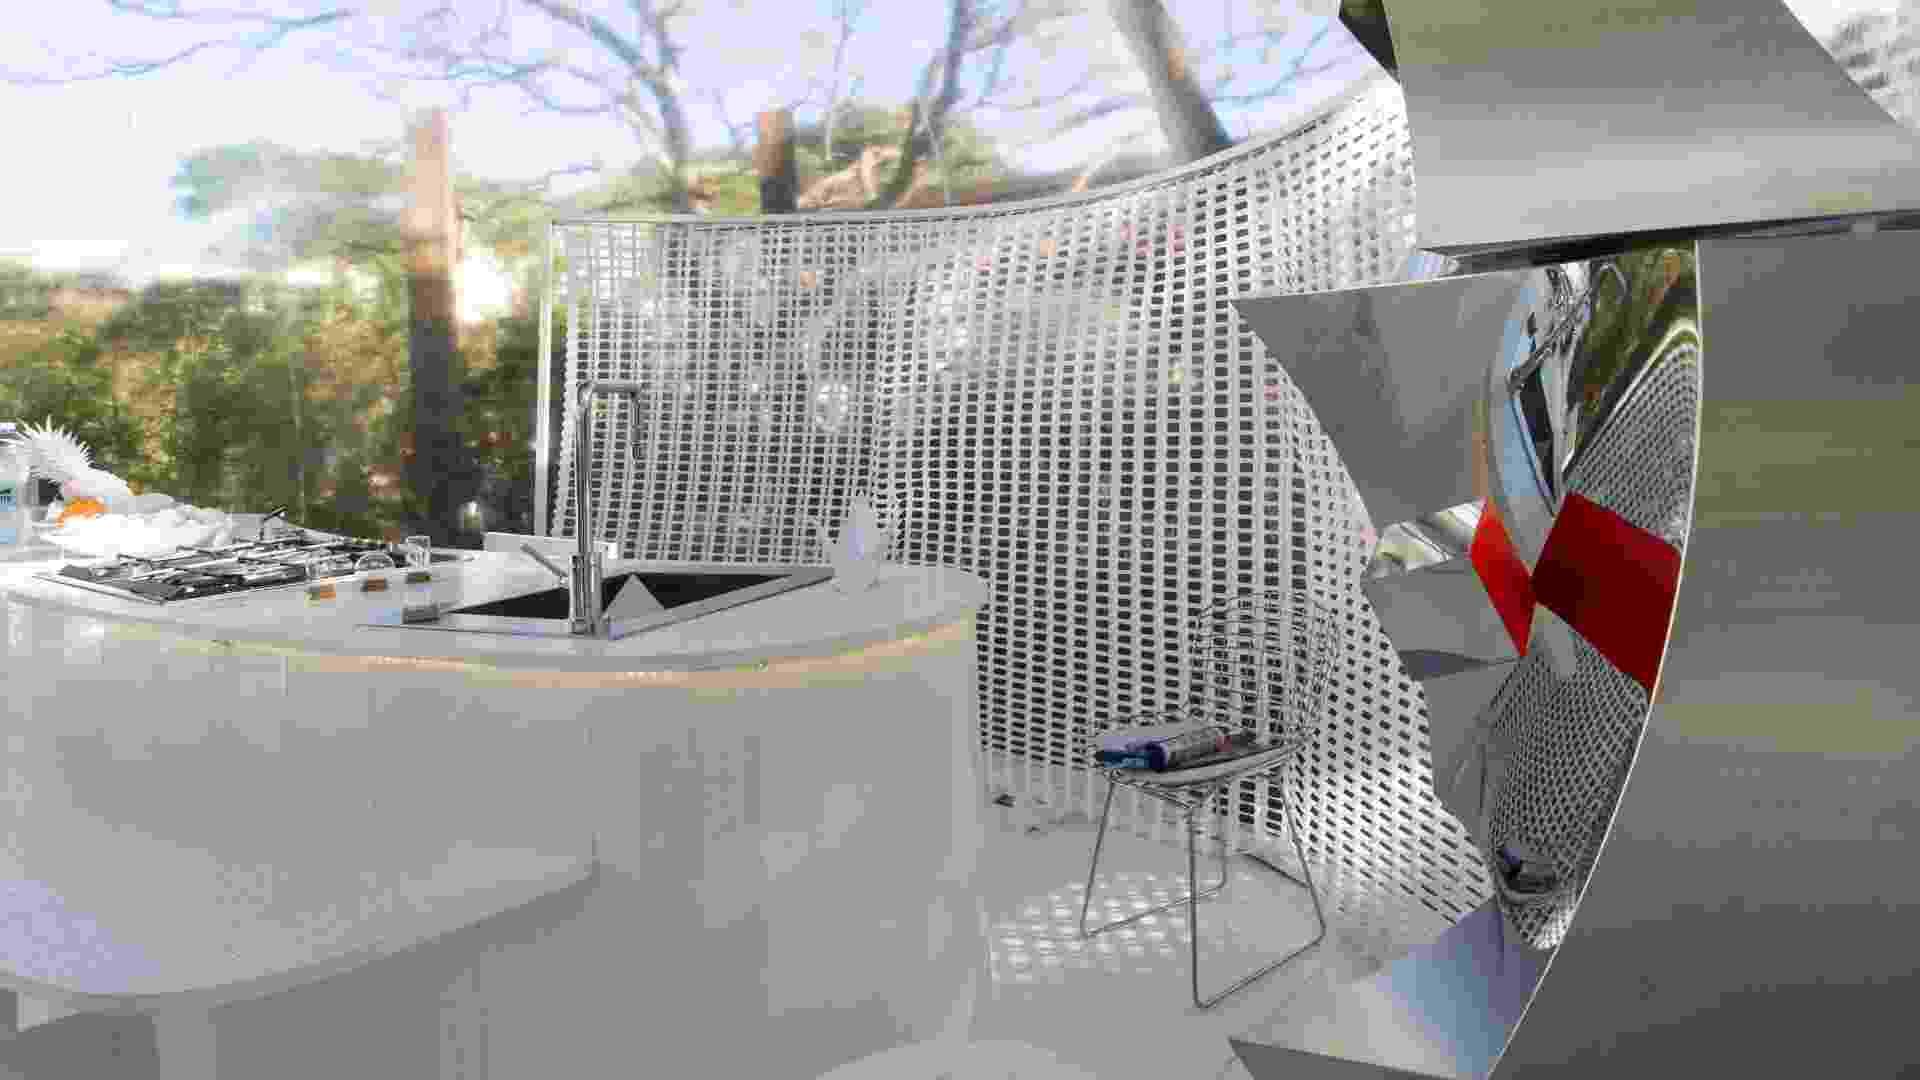 A estética dos ambientes é minimalista, com predominância do branco. O piso é feito de Nanoglass branco, as bancadas são de mármore texturizado e as cortinas recortadas a laser possibilitam a privacidade e a ambientação adaptável - Kátia Kuwabara/UOL